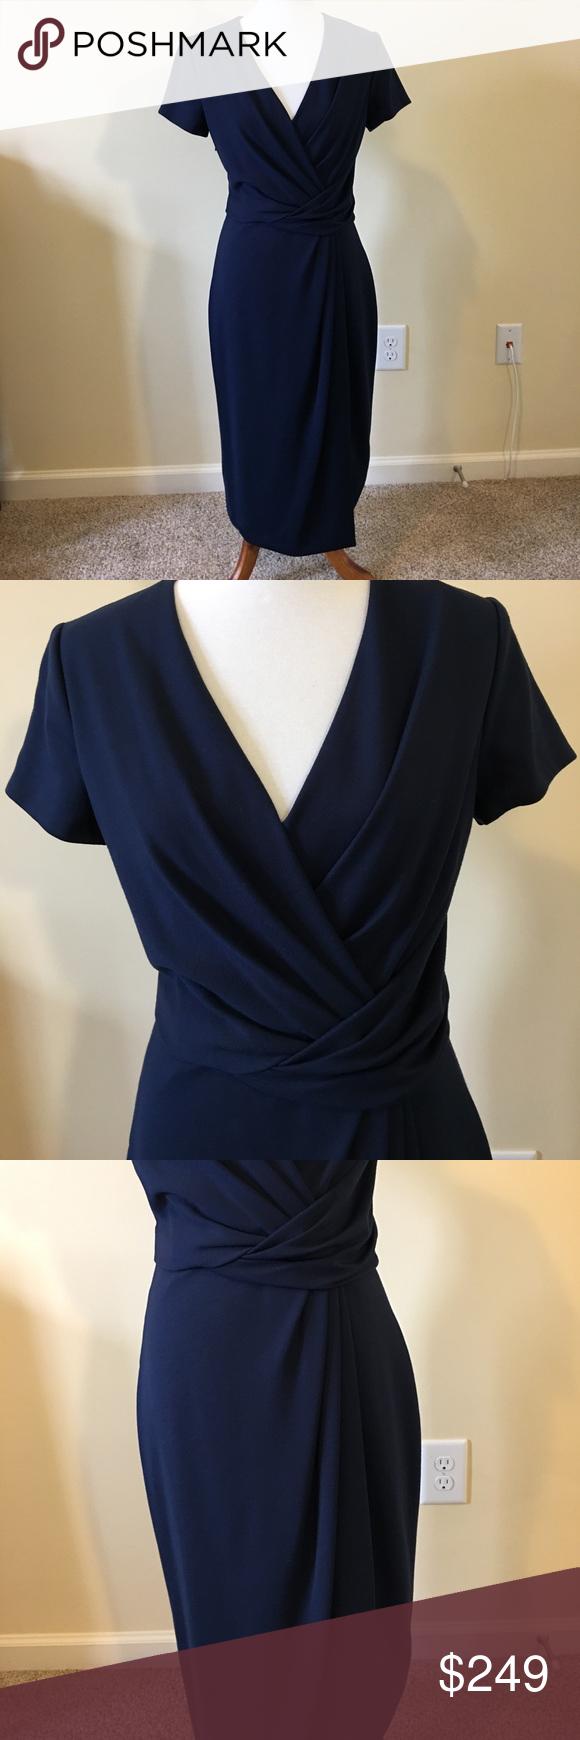 Stunning Authentic Jason Wu Dress Size 8 Stunning Authentic Jason Wu Dress Size 8, Navy, NWOT Made in USA! Jason Wu Dresses Midi